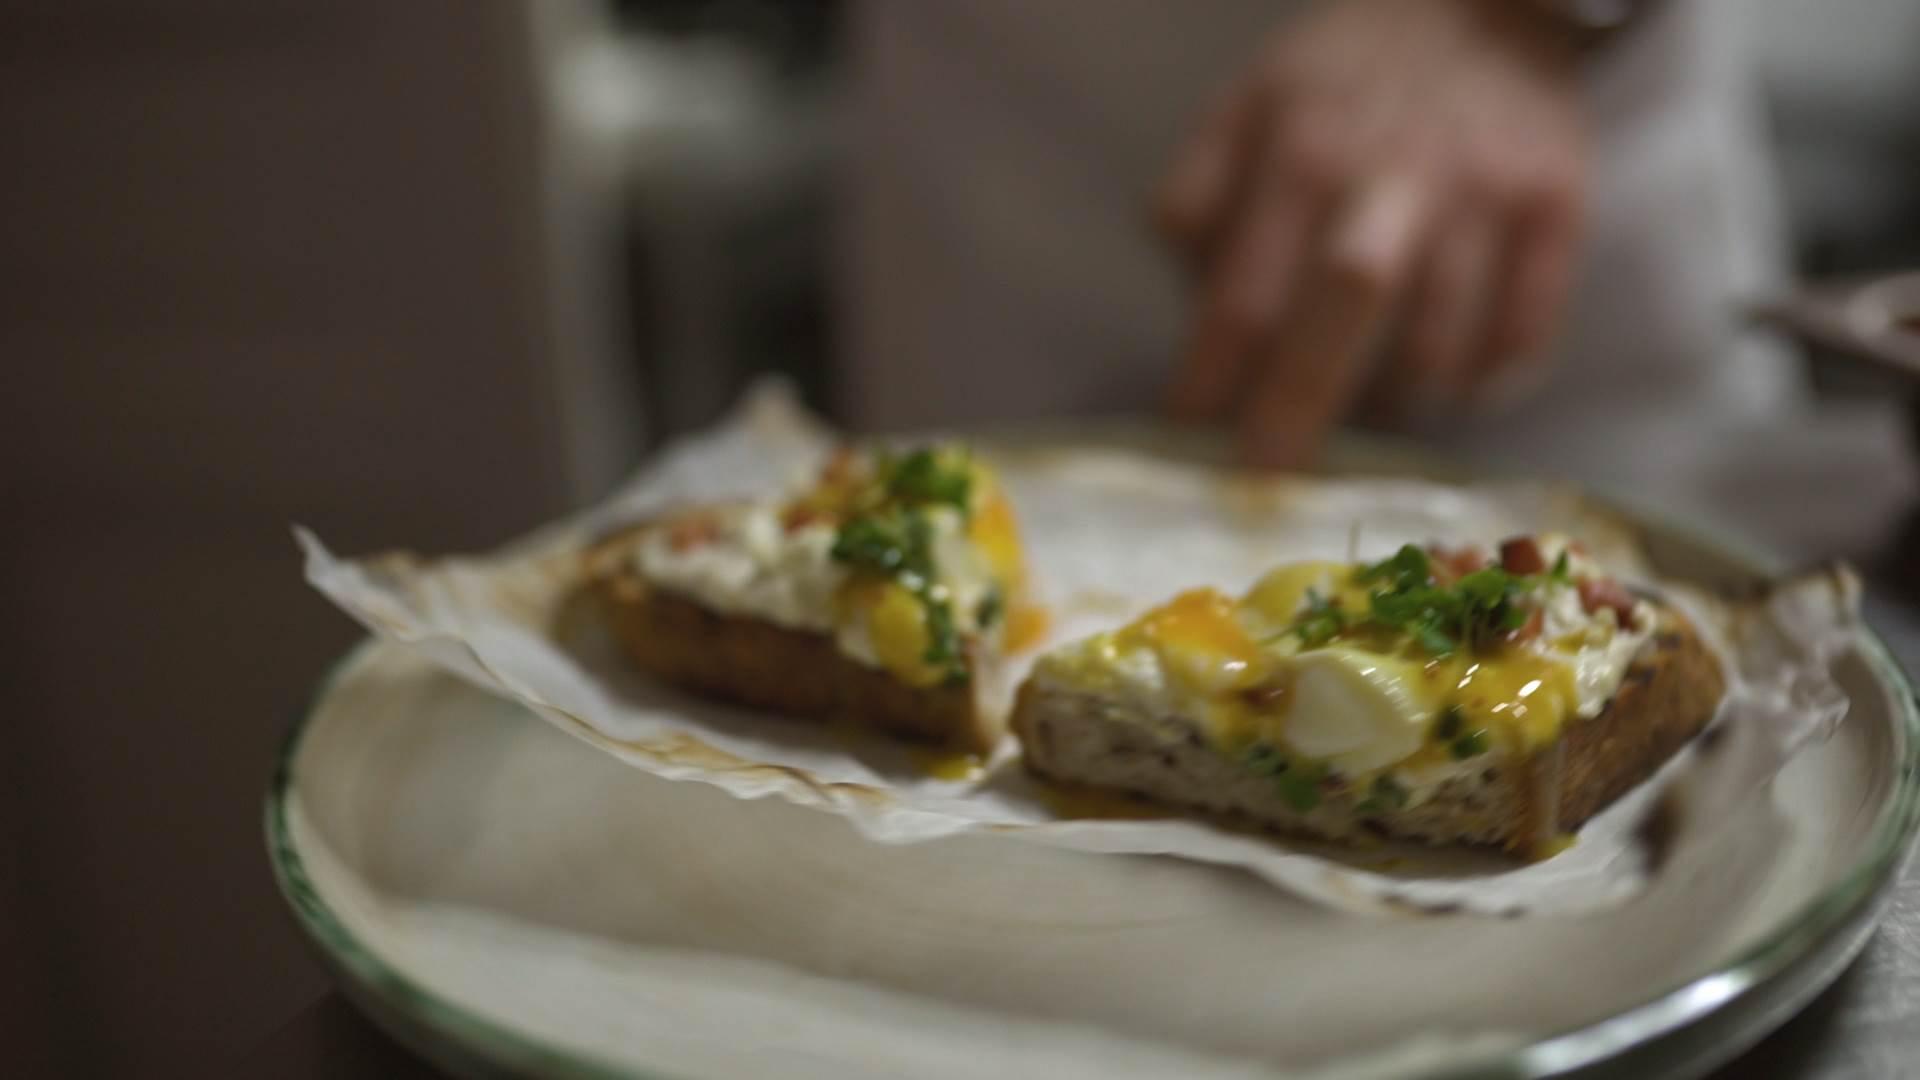 Hrana koja leči! Ovo niste znali o mikrobilju (VIDEO)